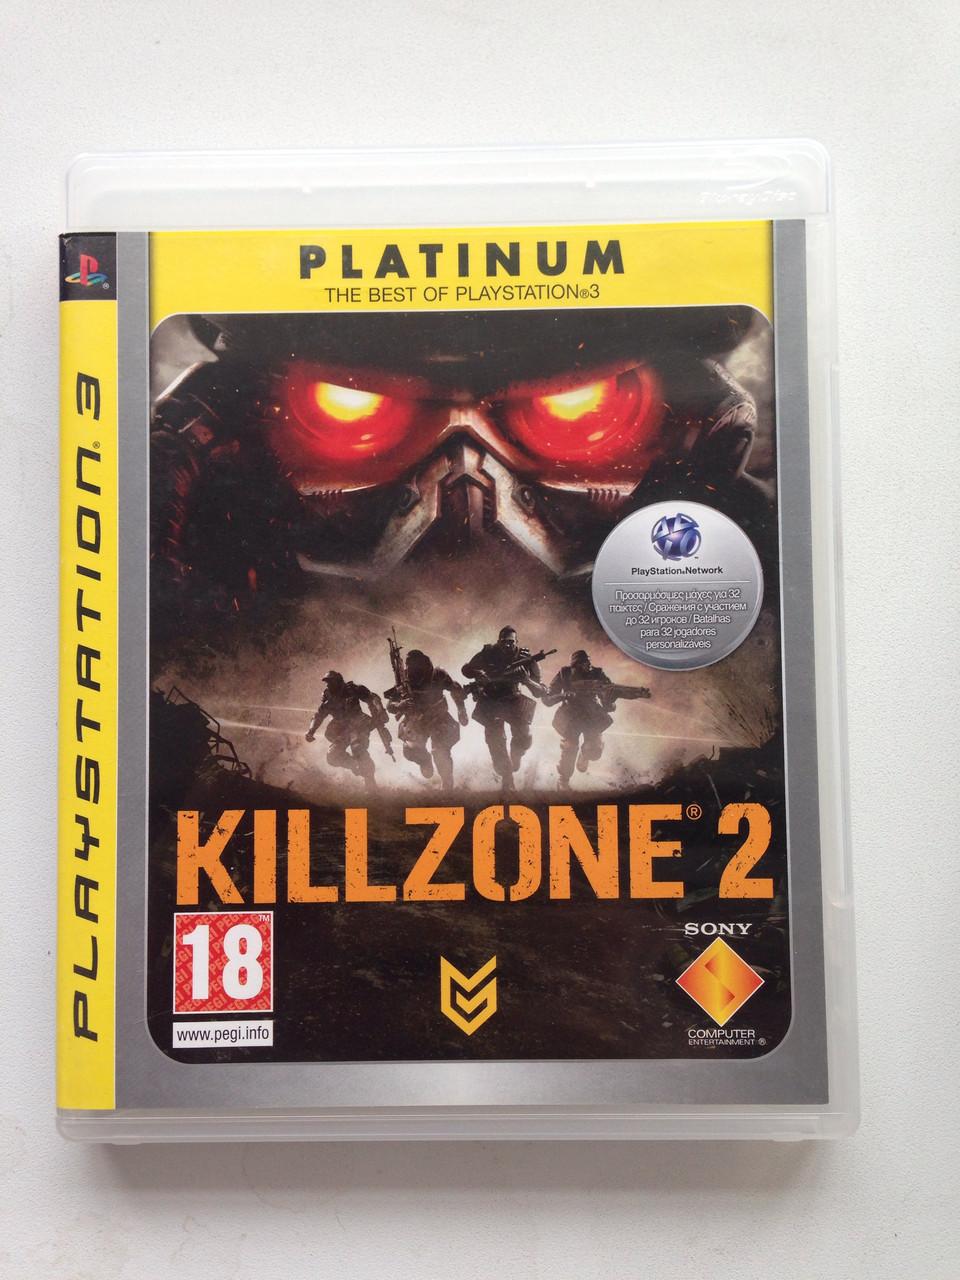 Killzone 2 (PS3) pyc.